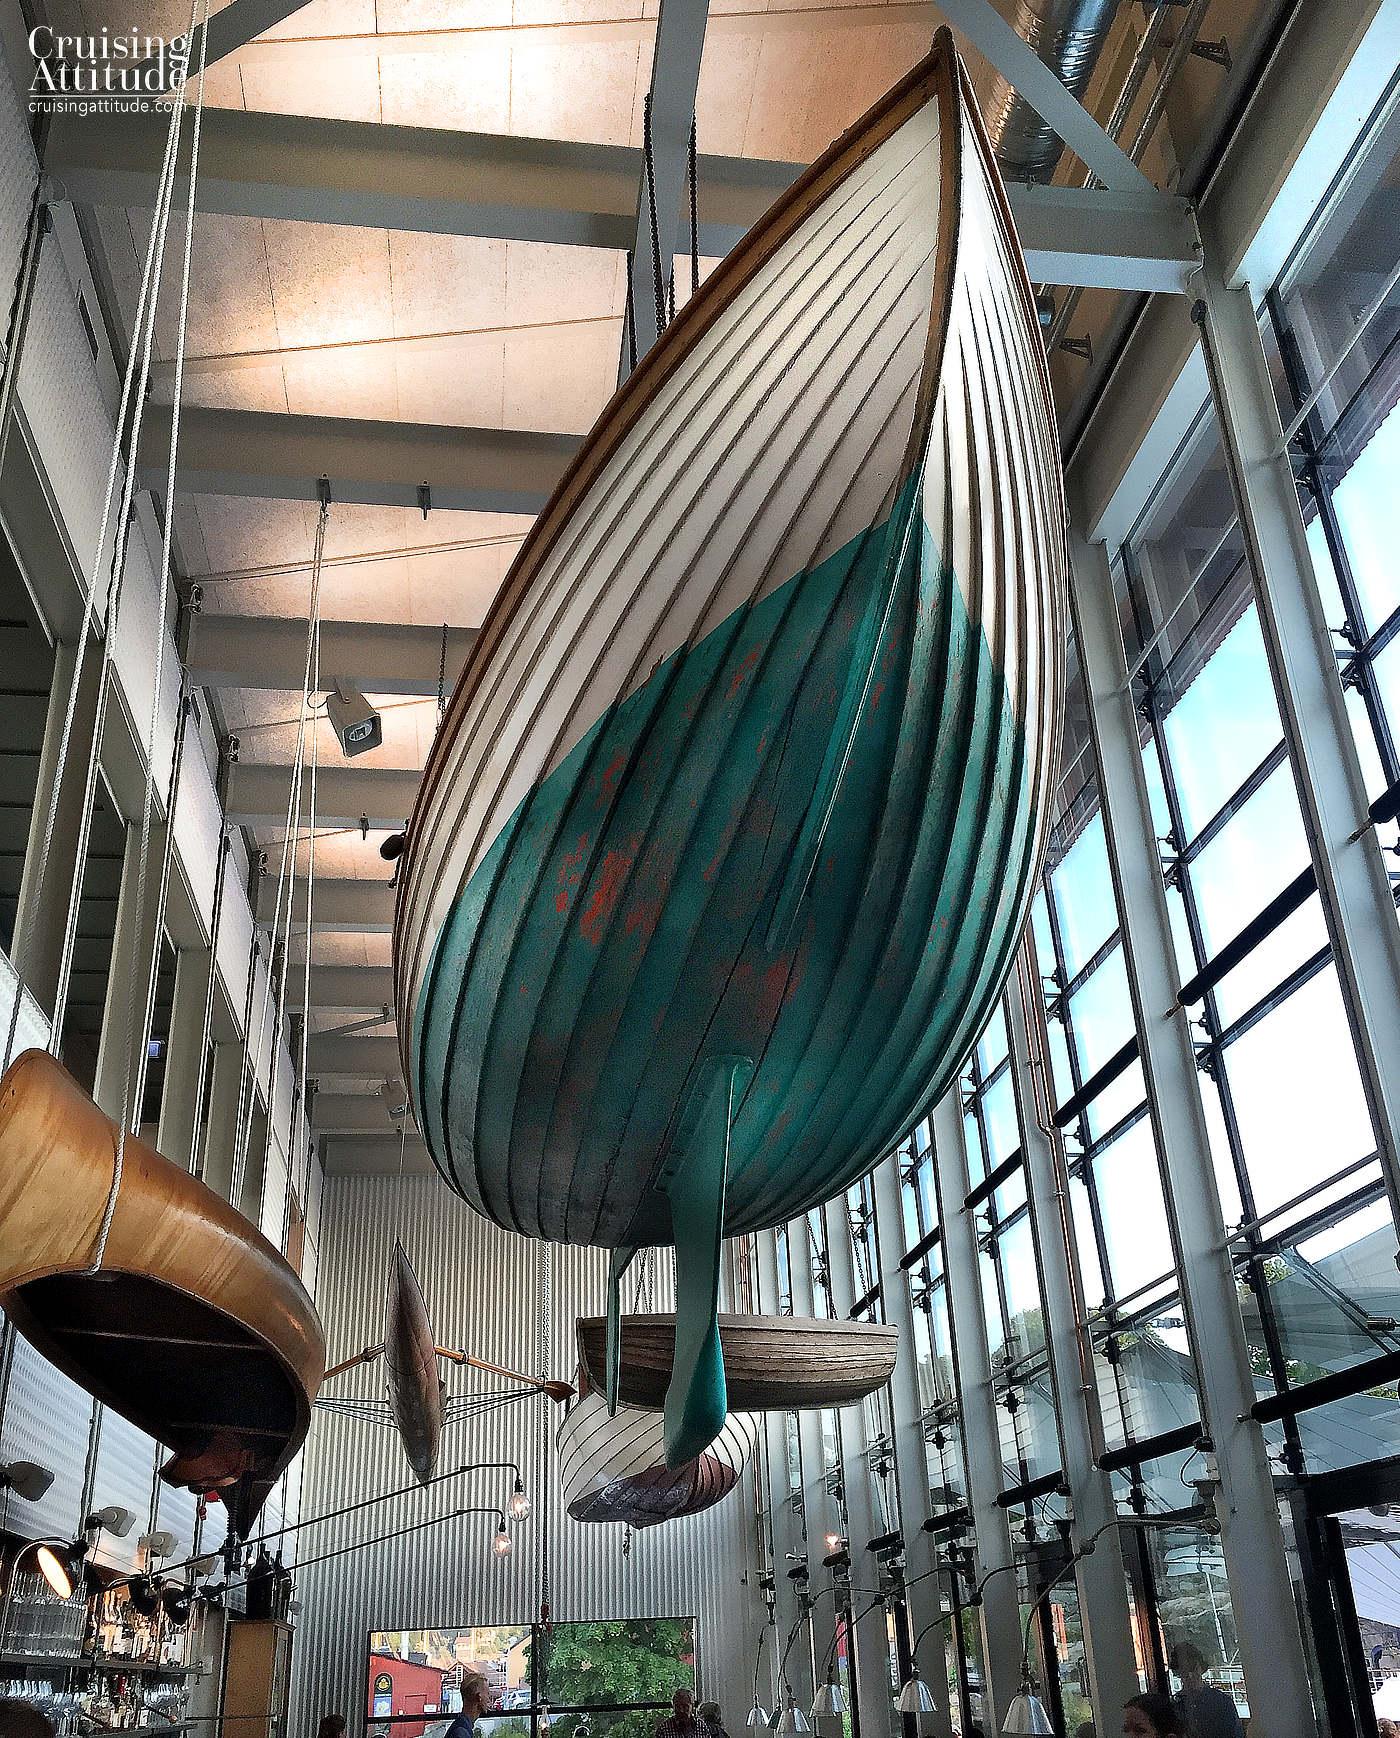 Stockholm - Oaxen Slip -Cruising Attitude Sailing Blog | Discovery 55